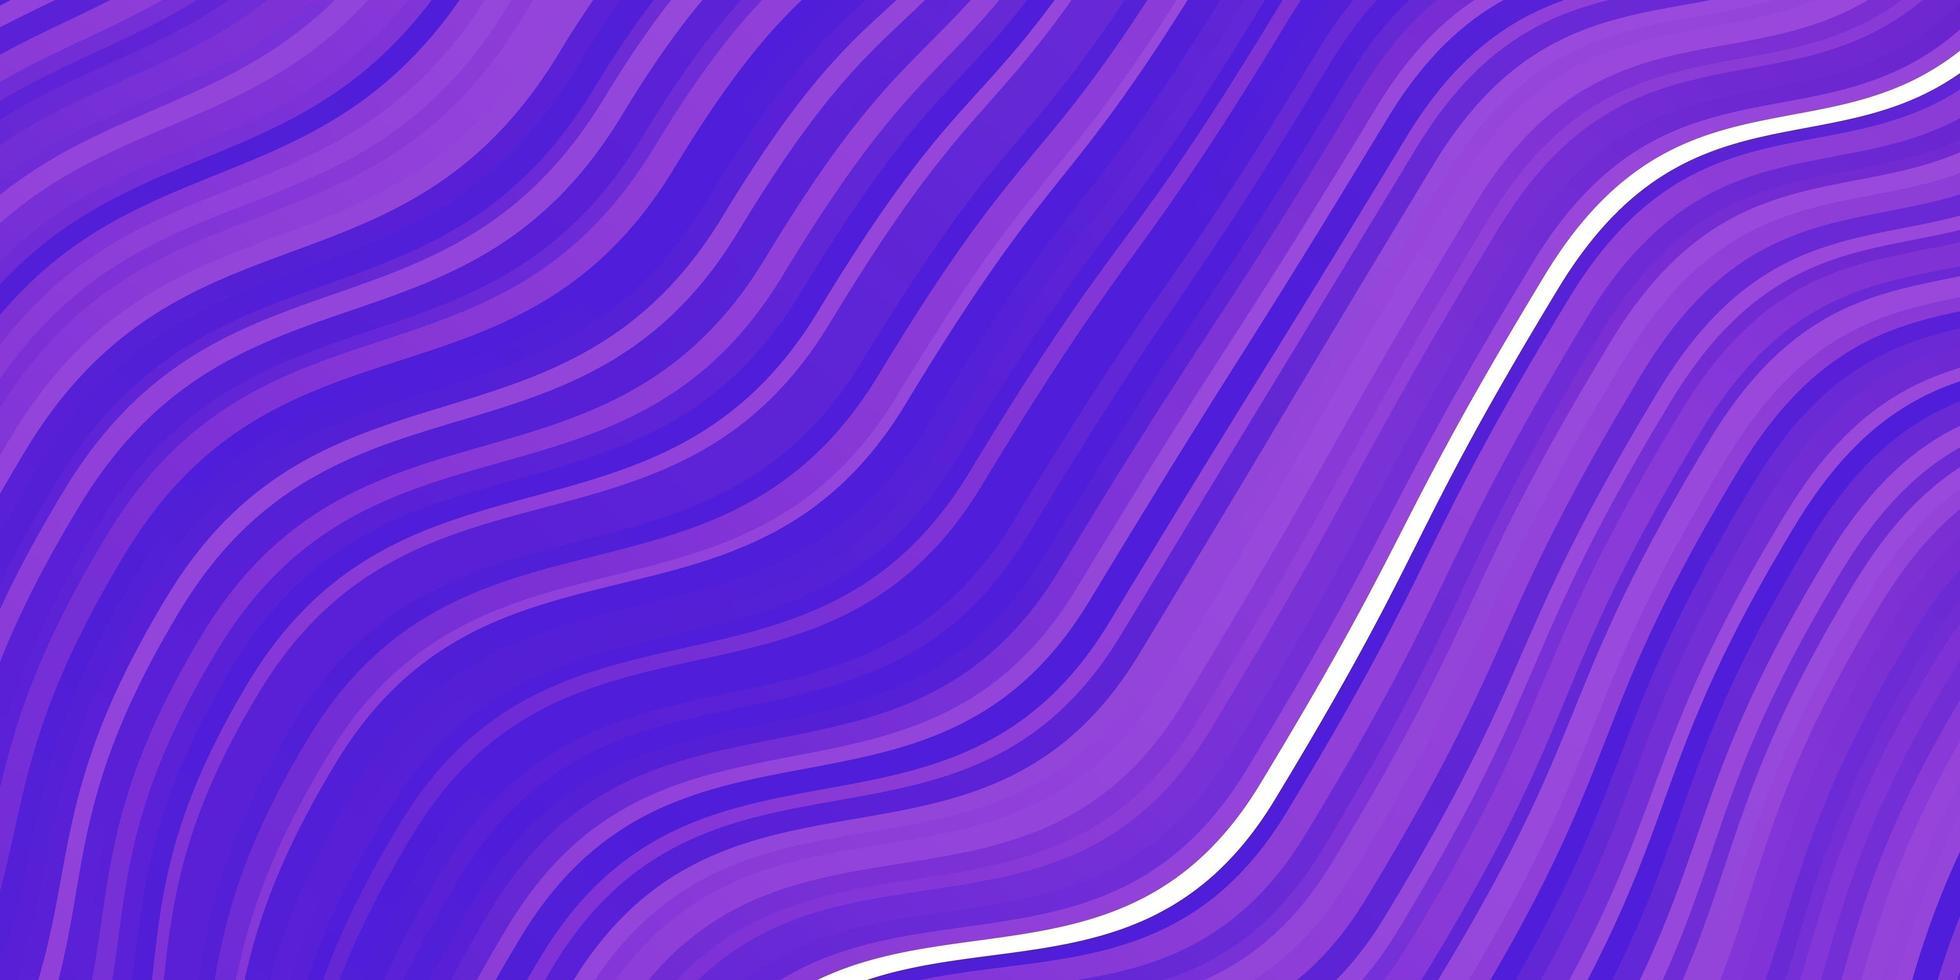 fundo vector roxo claro com arcos.